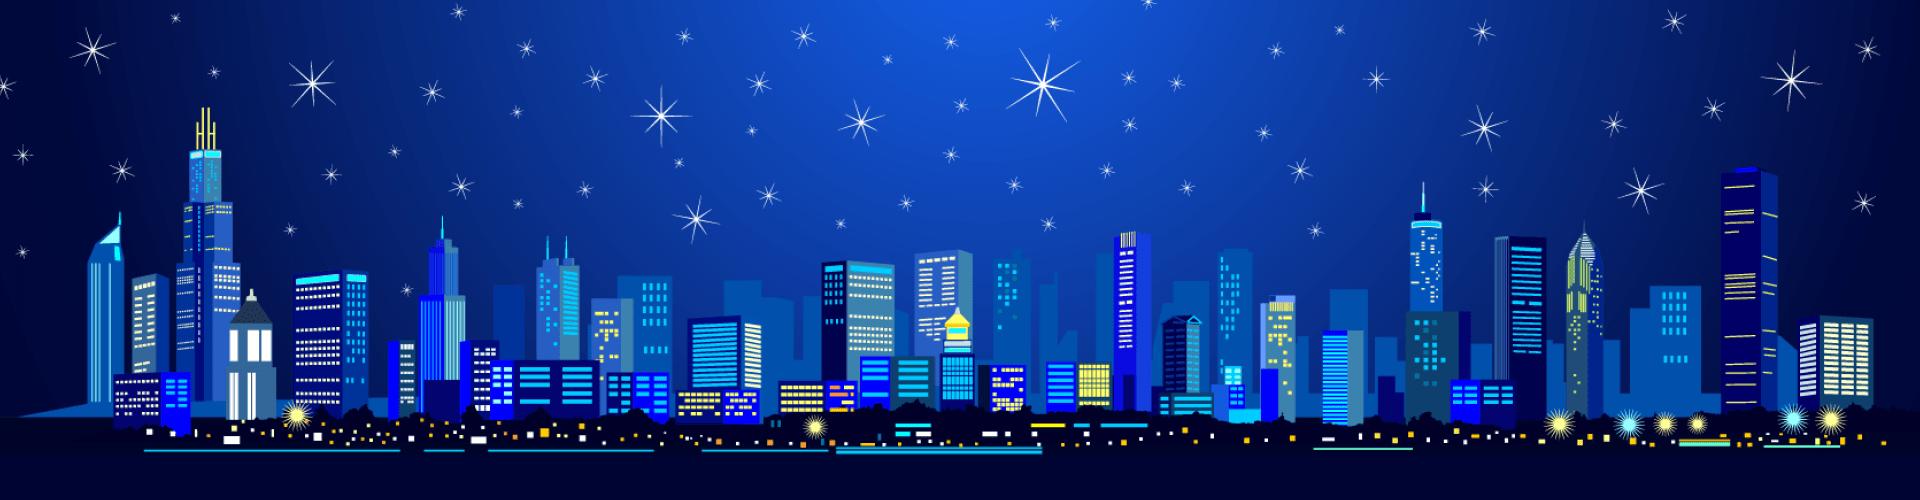 image - ville de nuit